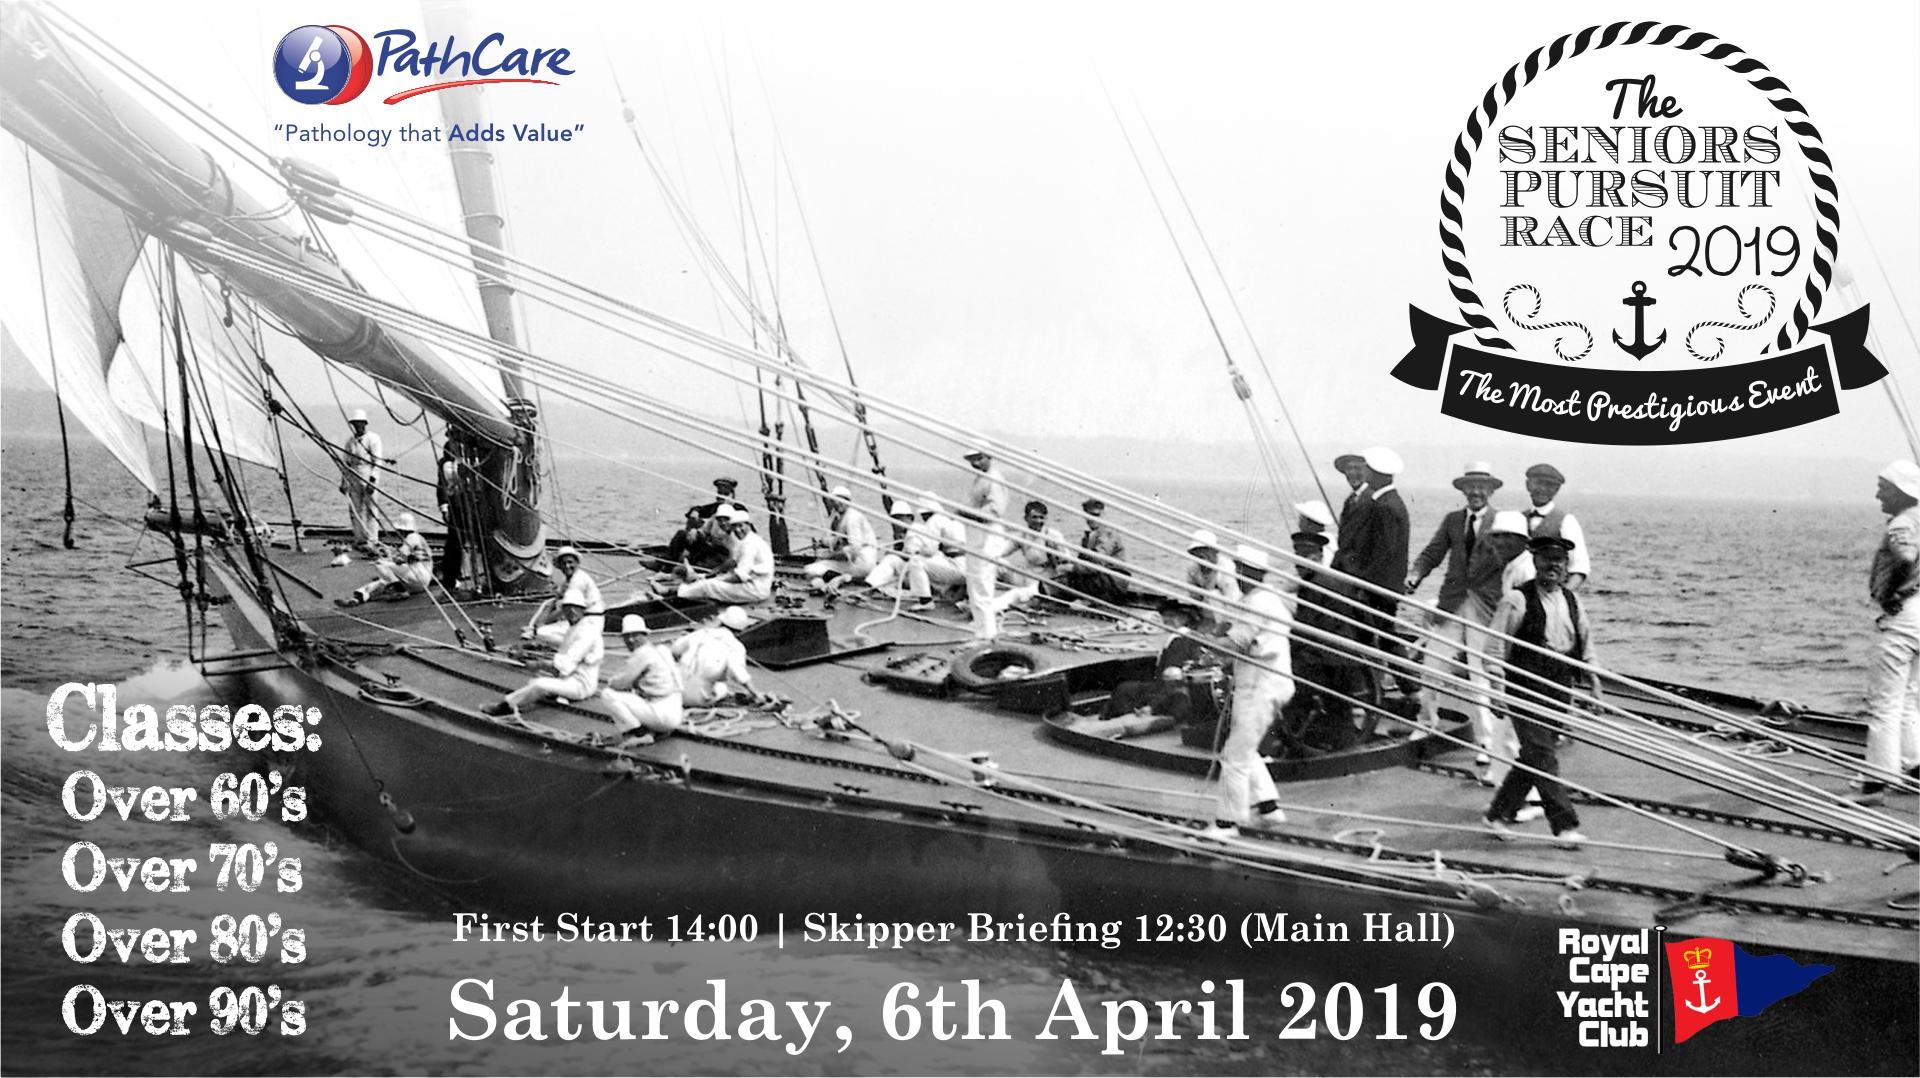 PathCare Seniors Pursuit Race 06th April 2019